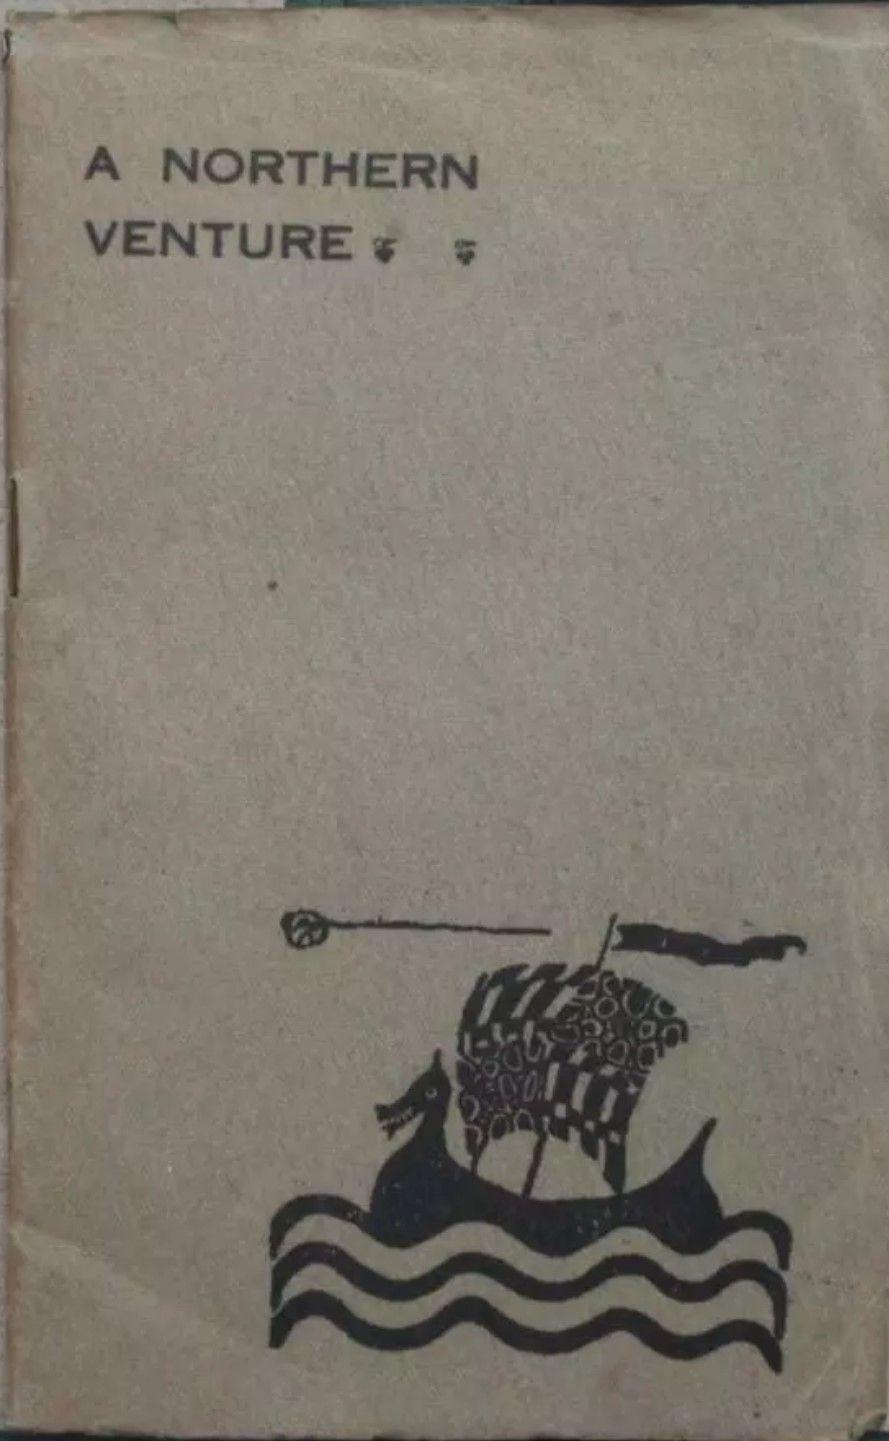 Un Tolkien molto raro su eBay inglese ma il prezzo è da… Terra di mezzo!